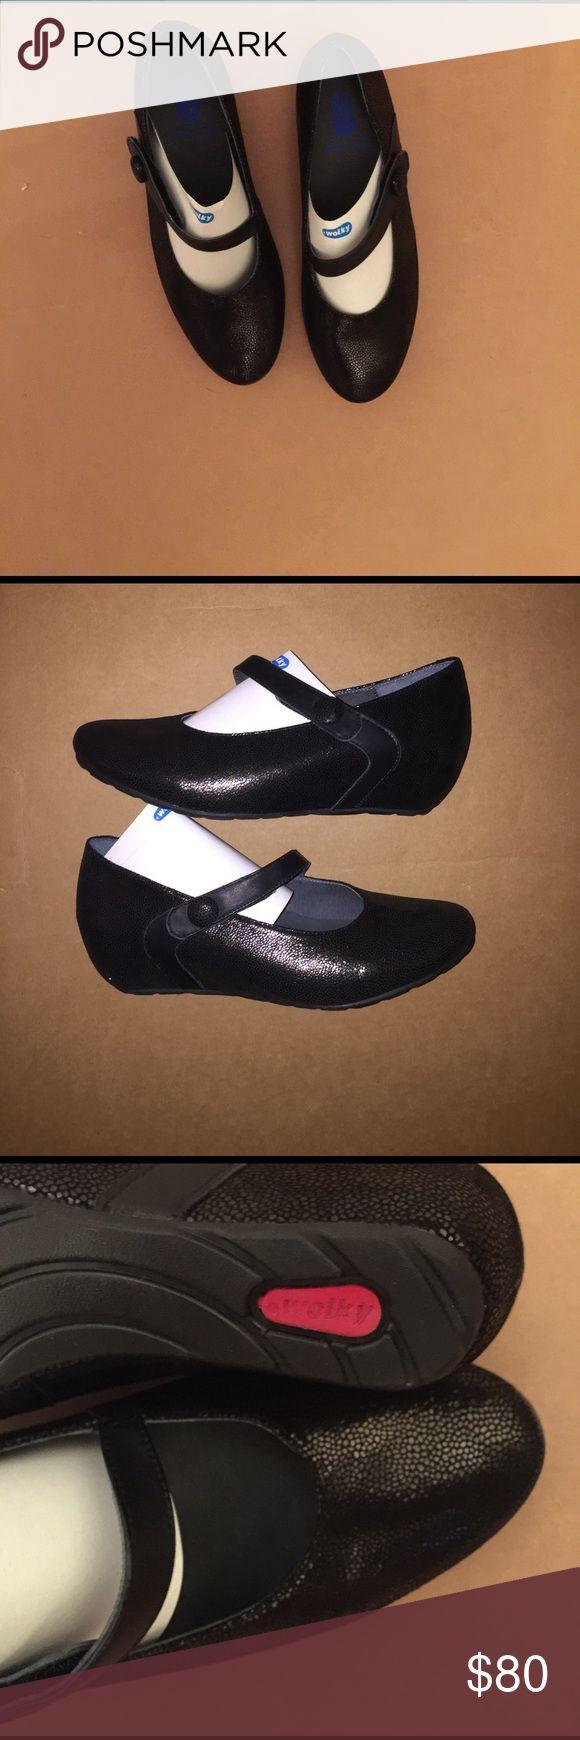 """Nwt, Nib, black Wolky black 1"""" wedge flats NWT black Wolky 1"""" wedge flats wolky Shoes Wedges"""